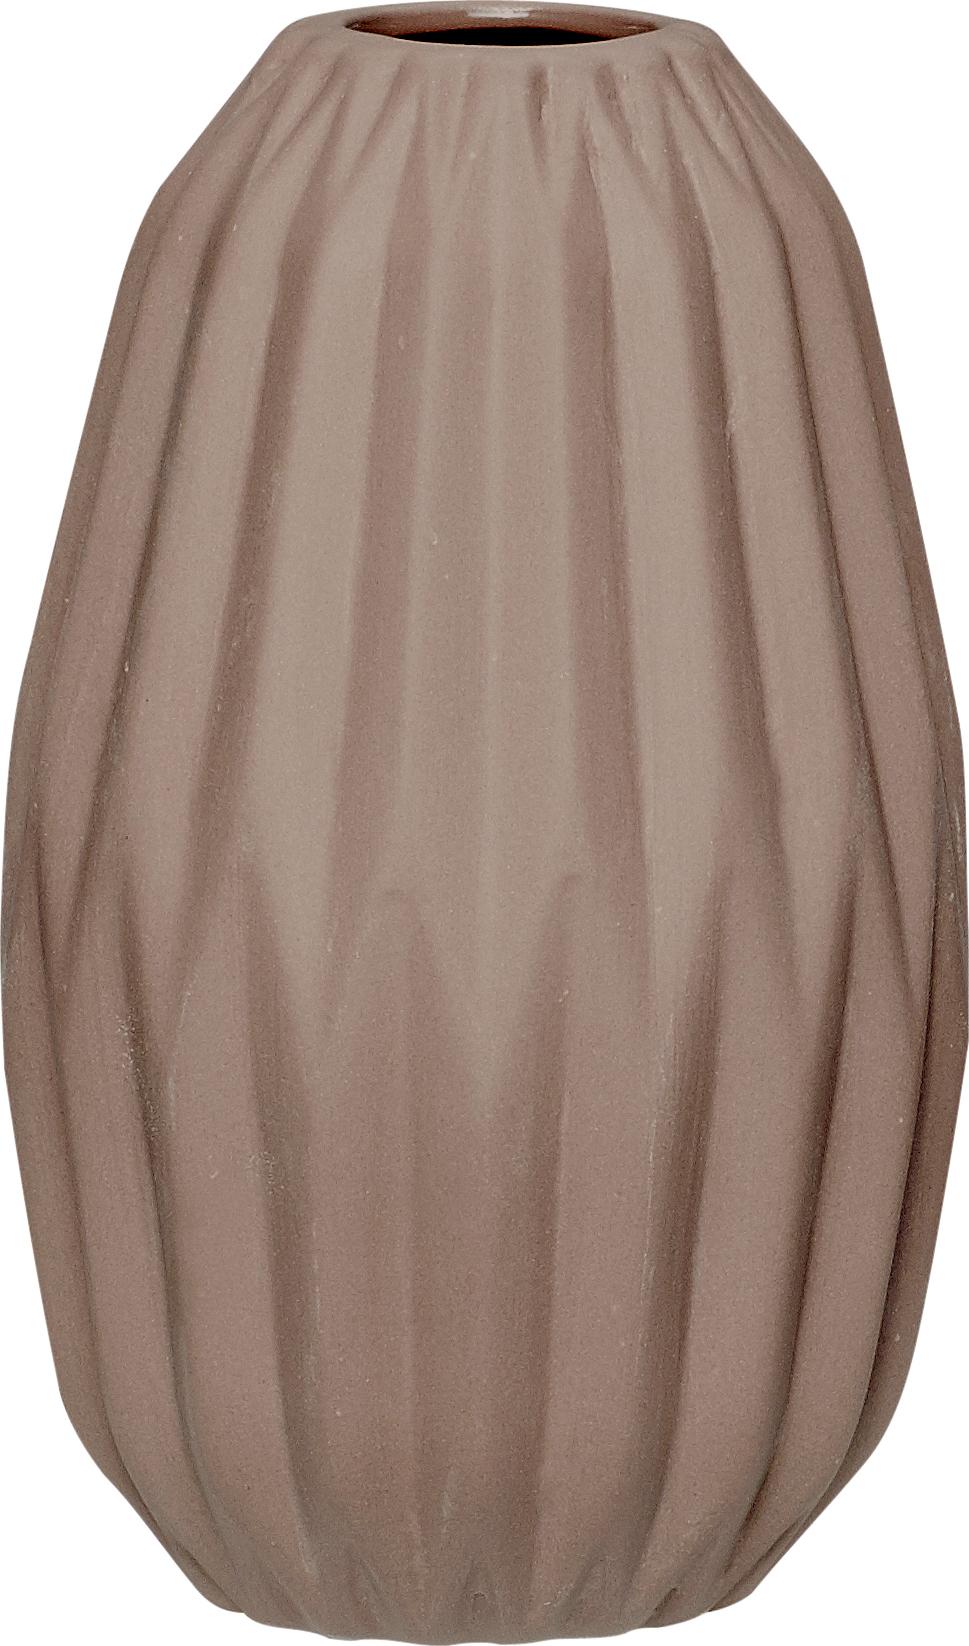 På billedet ser du variationen Vase, m/riller, Ya fra brandet Hübsch i en størrelse Ø: 9 cm. H: 14 cm. i farven Brun